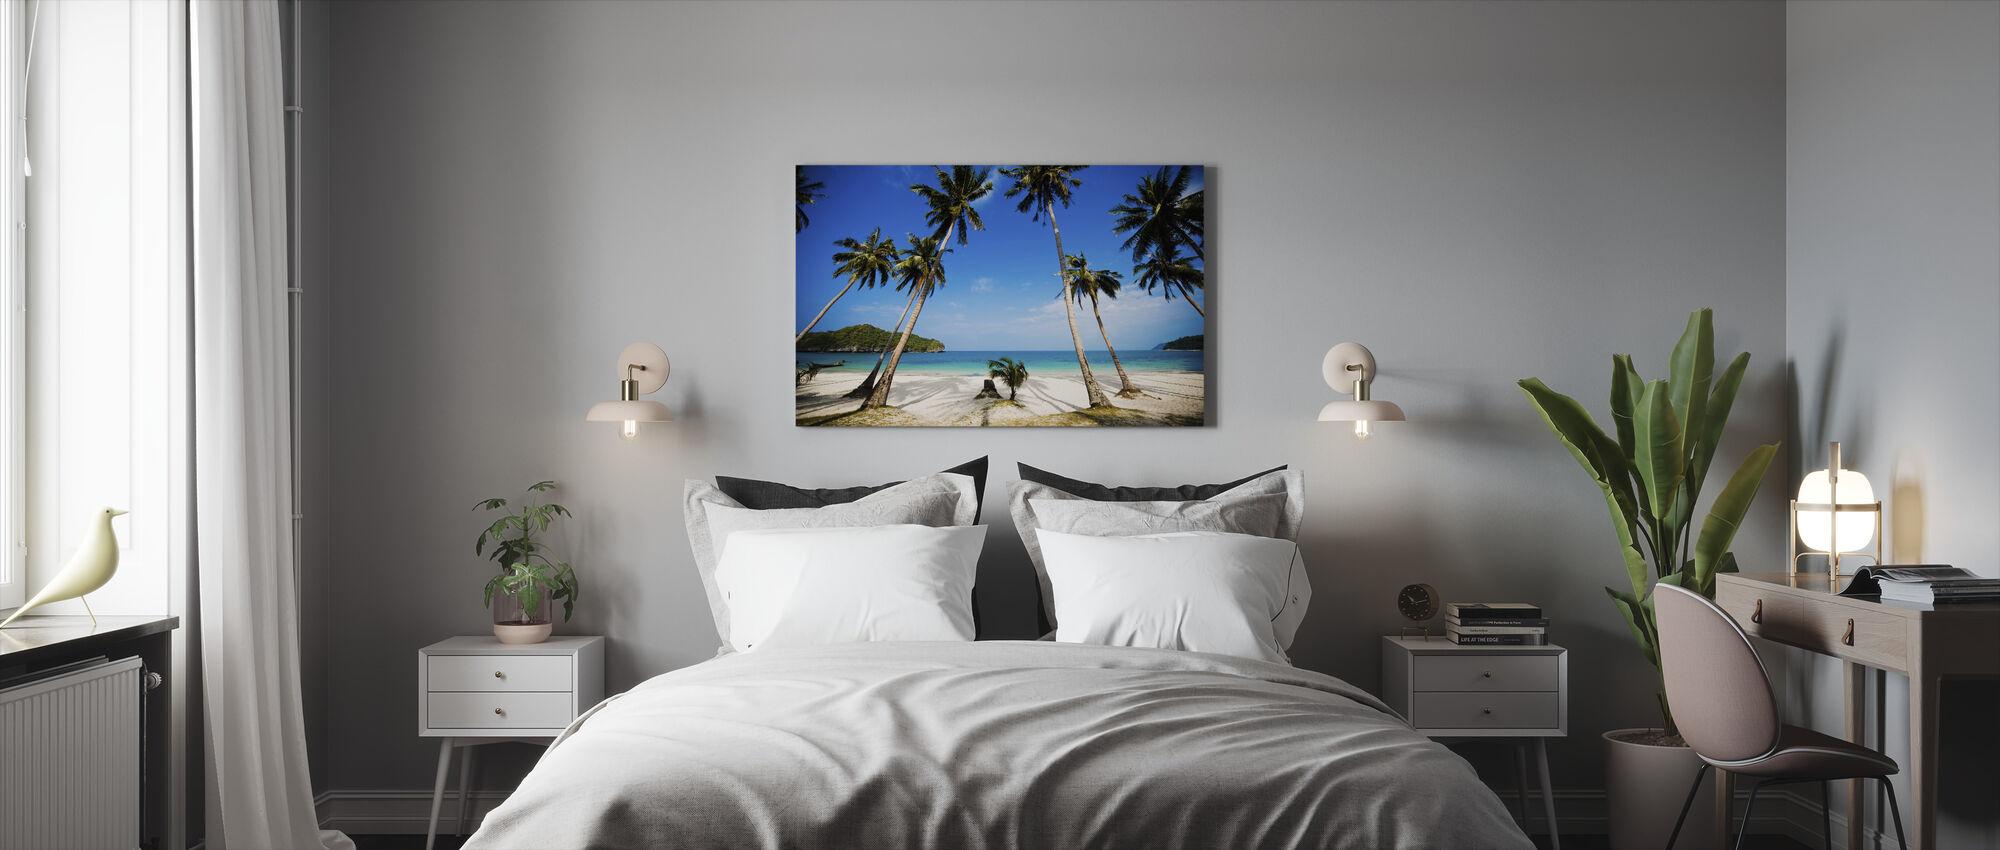 Kookos Palms, Thaimaa - Canvastaulu - Makuuhuone